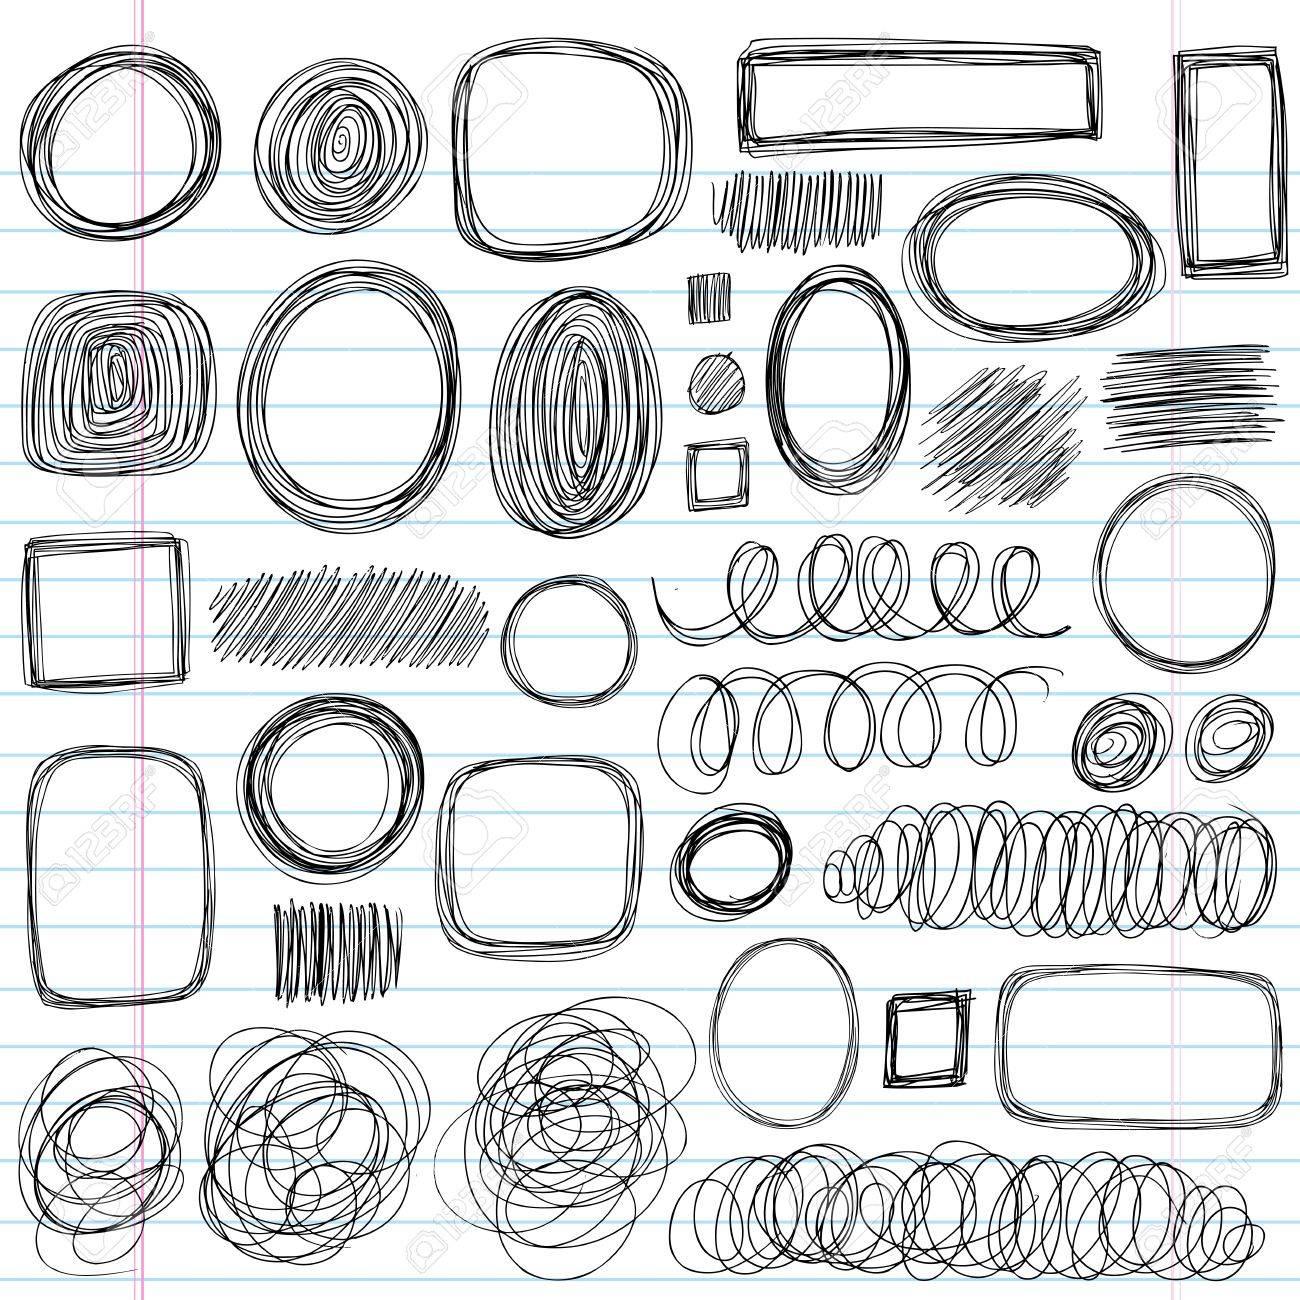 Scribble Doodles Sketchy Back to School Notebook Vector Illustration Design Elements on Lined Sketchbook Paper Background Stock Vector - 13564692